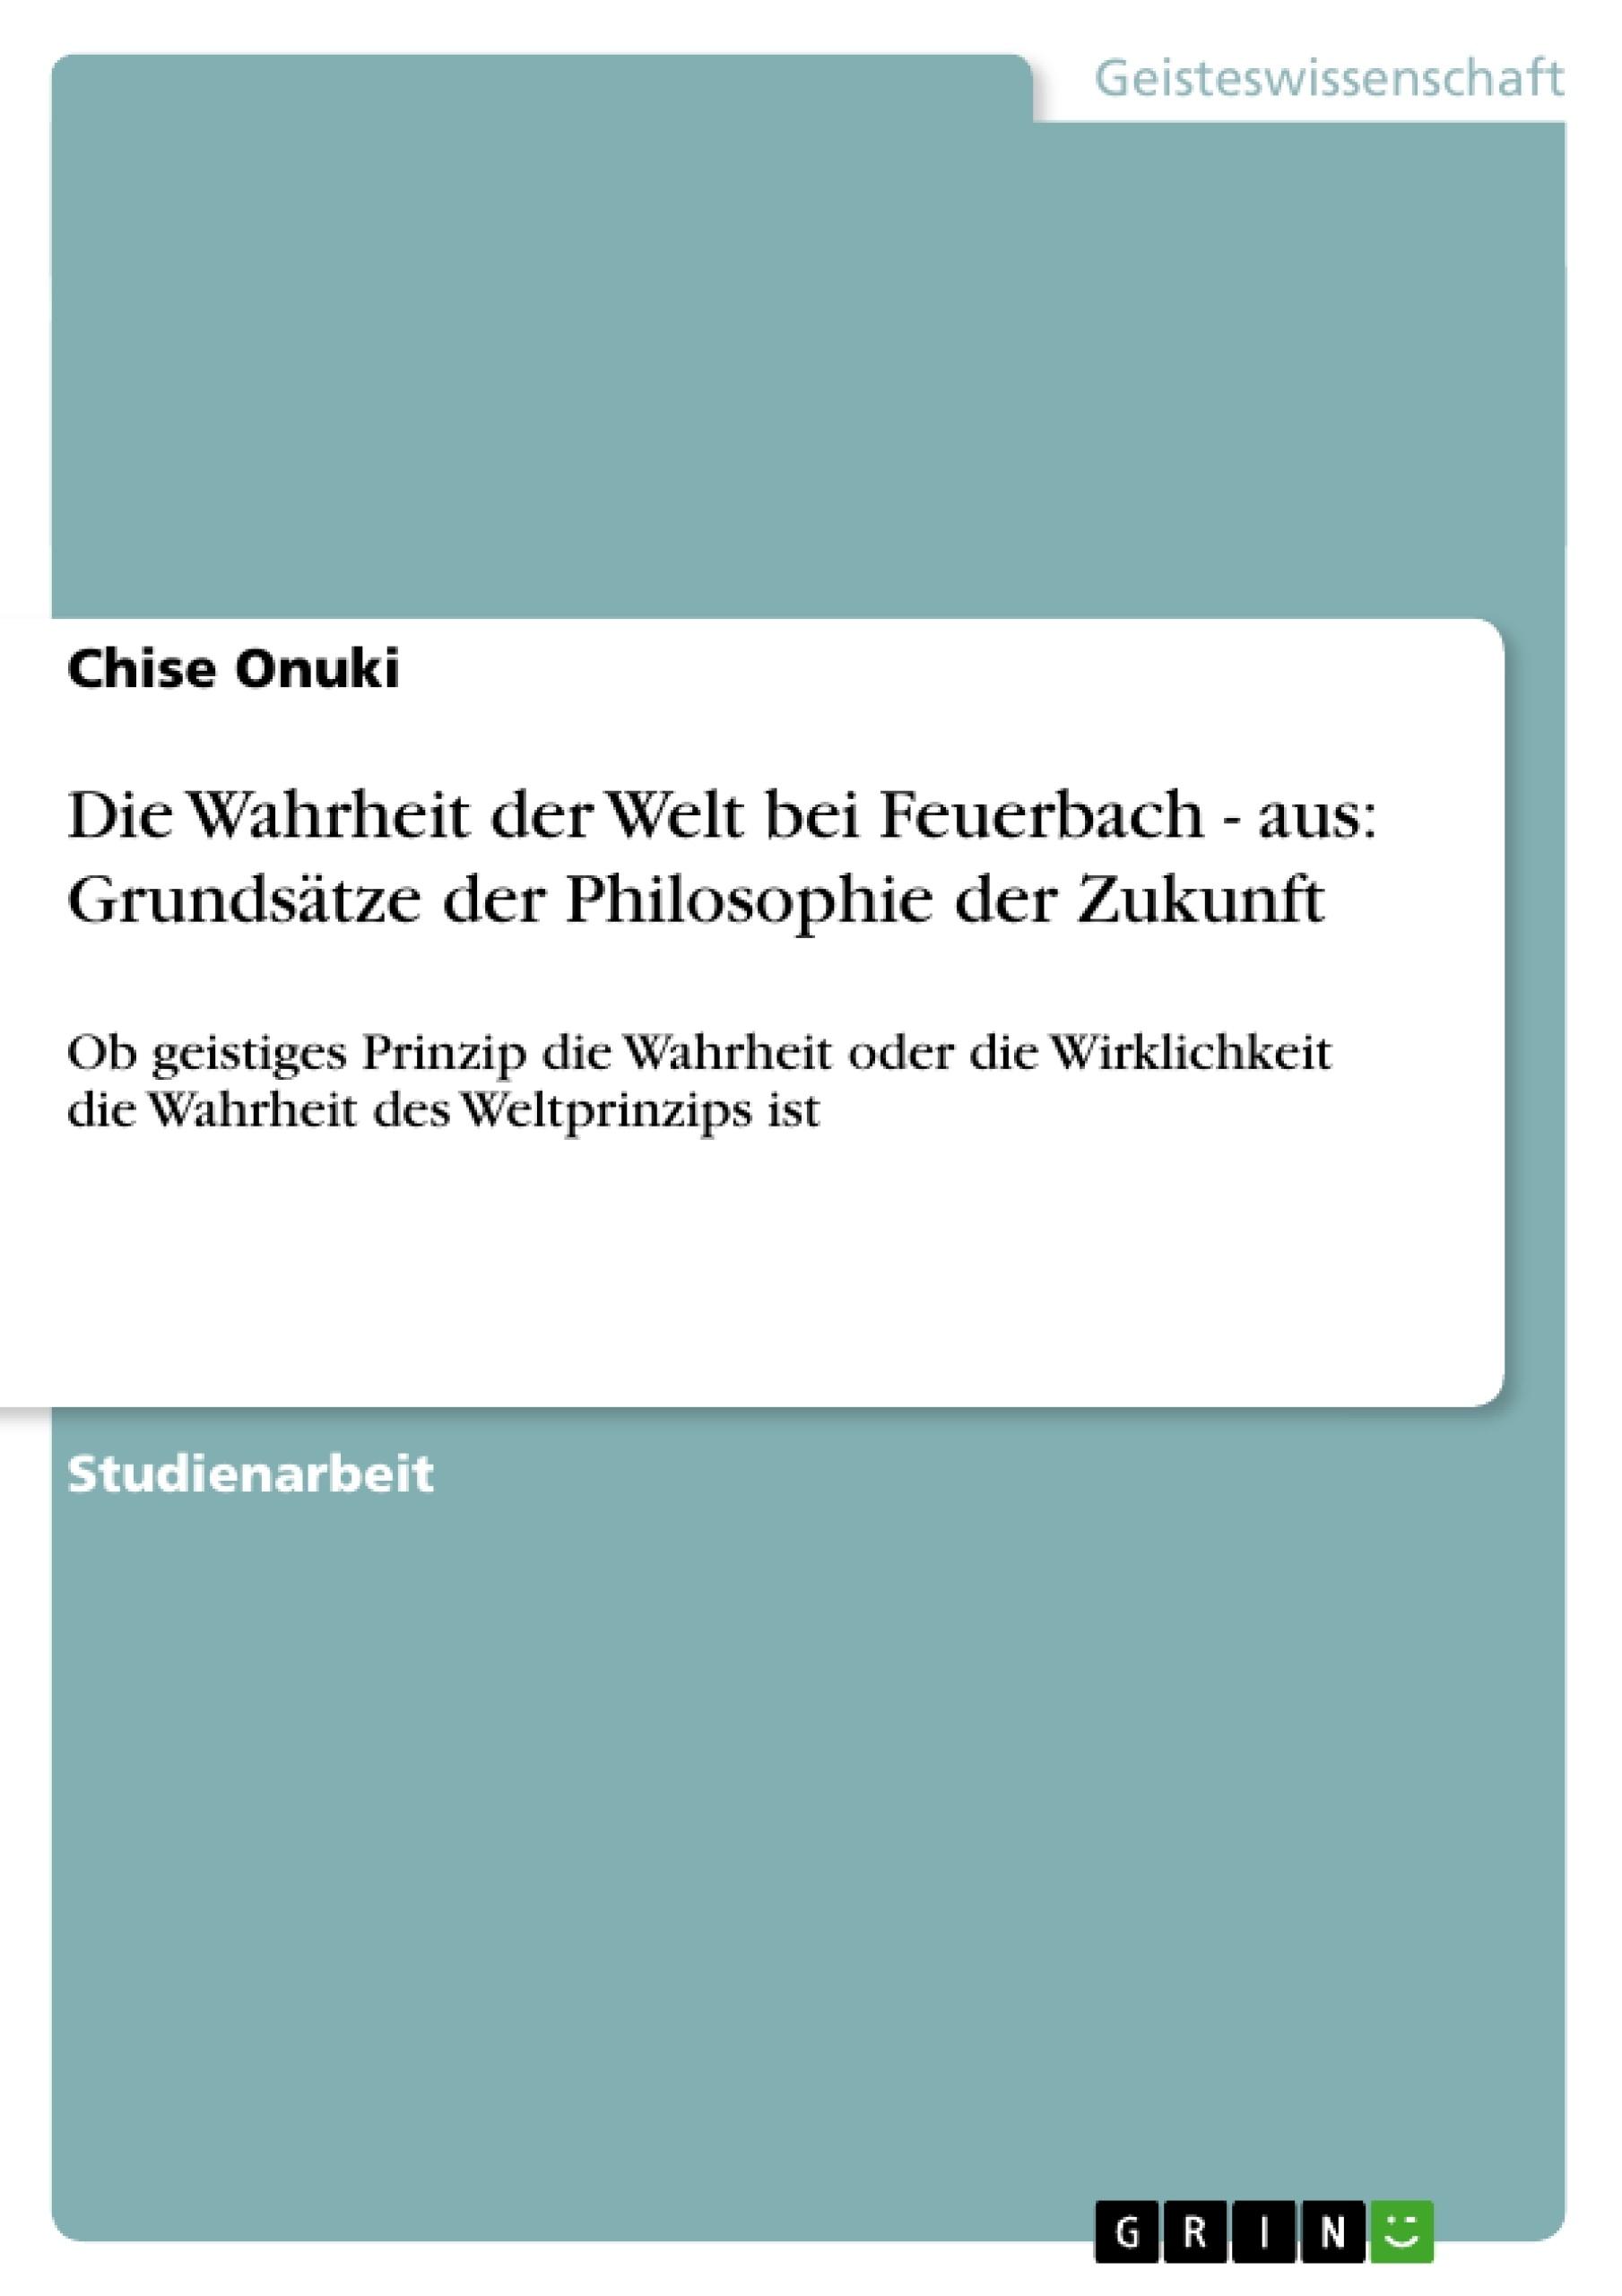 Titel: Die Wahrheit der Welt bei Feuerbach - aus: Grundsätze der Philosophie der Zukunft